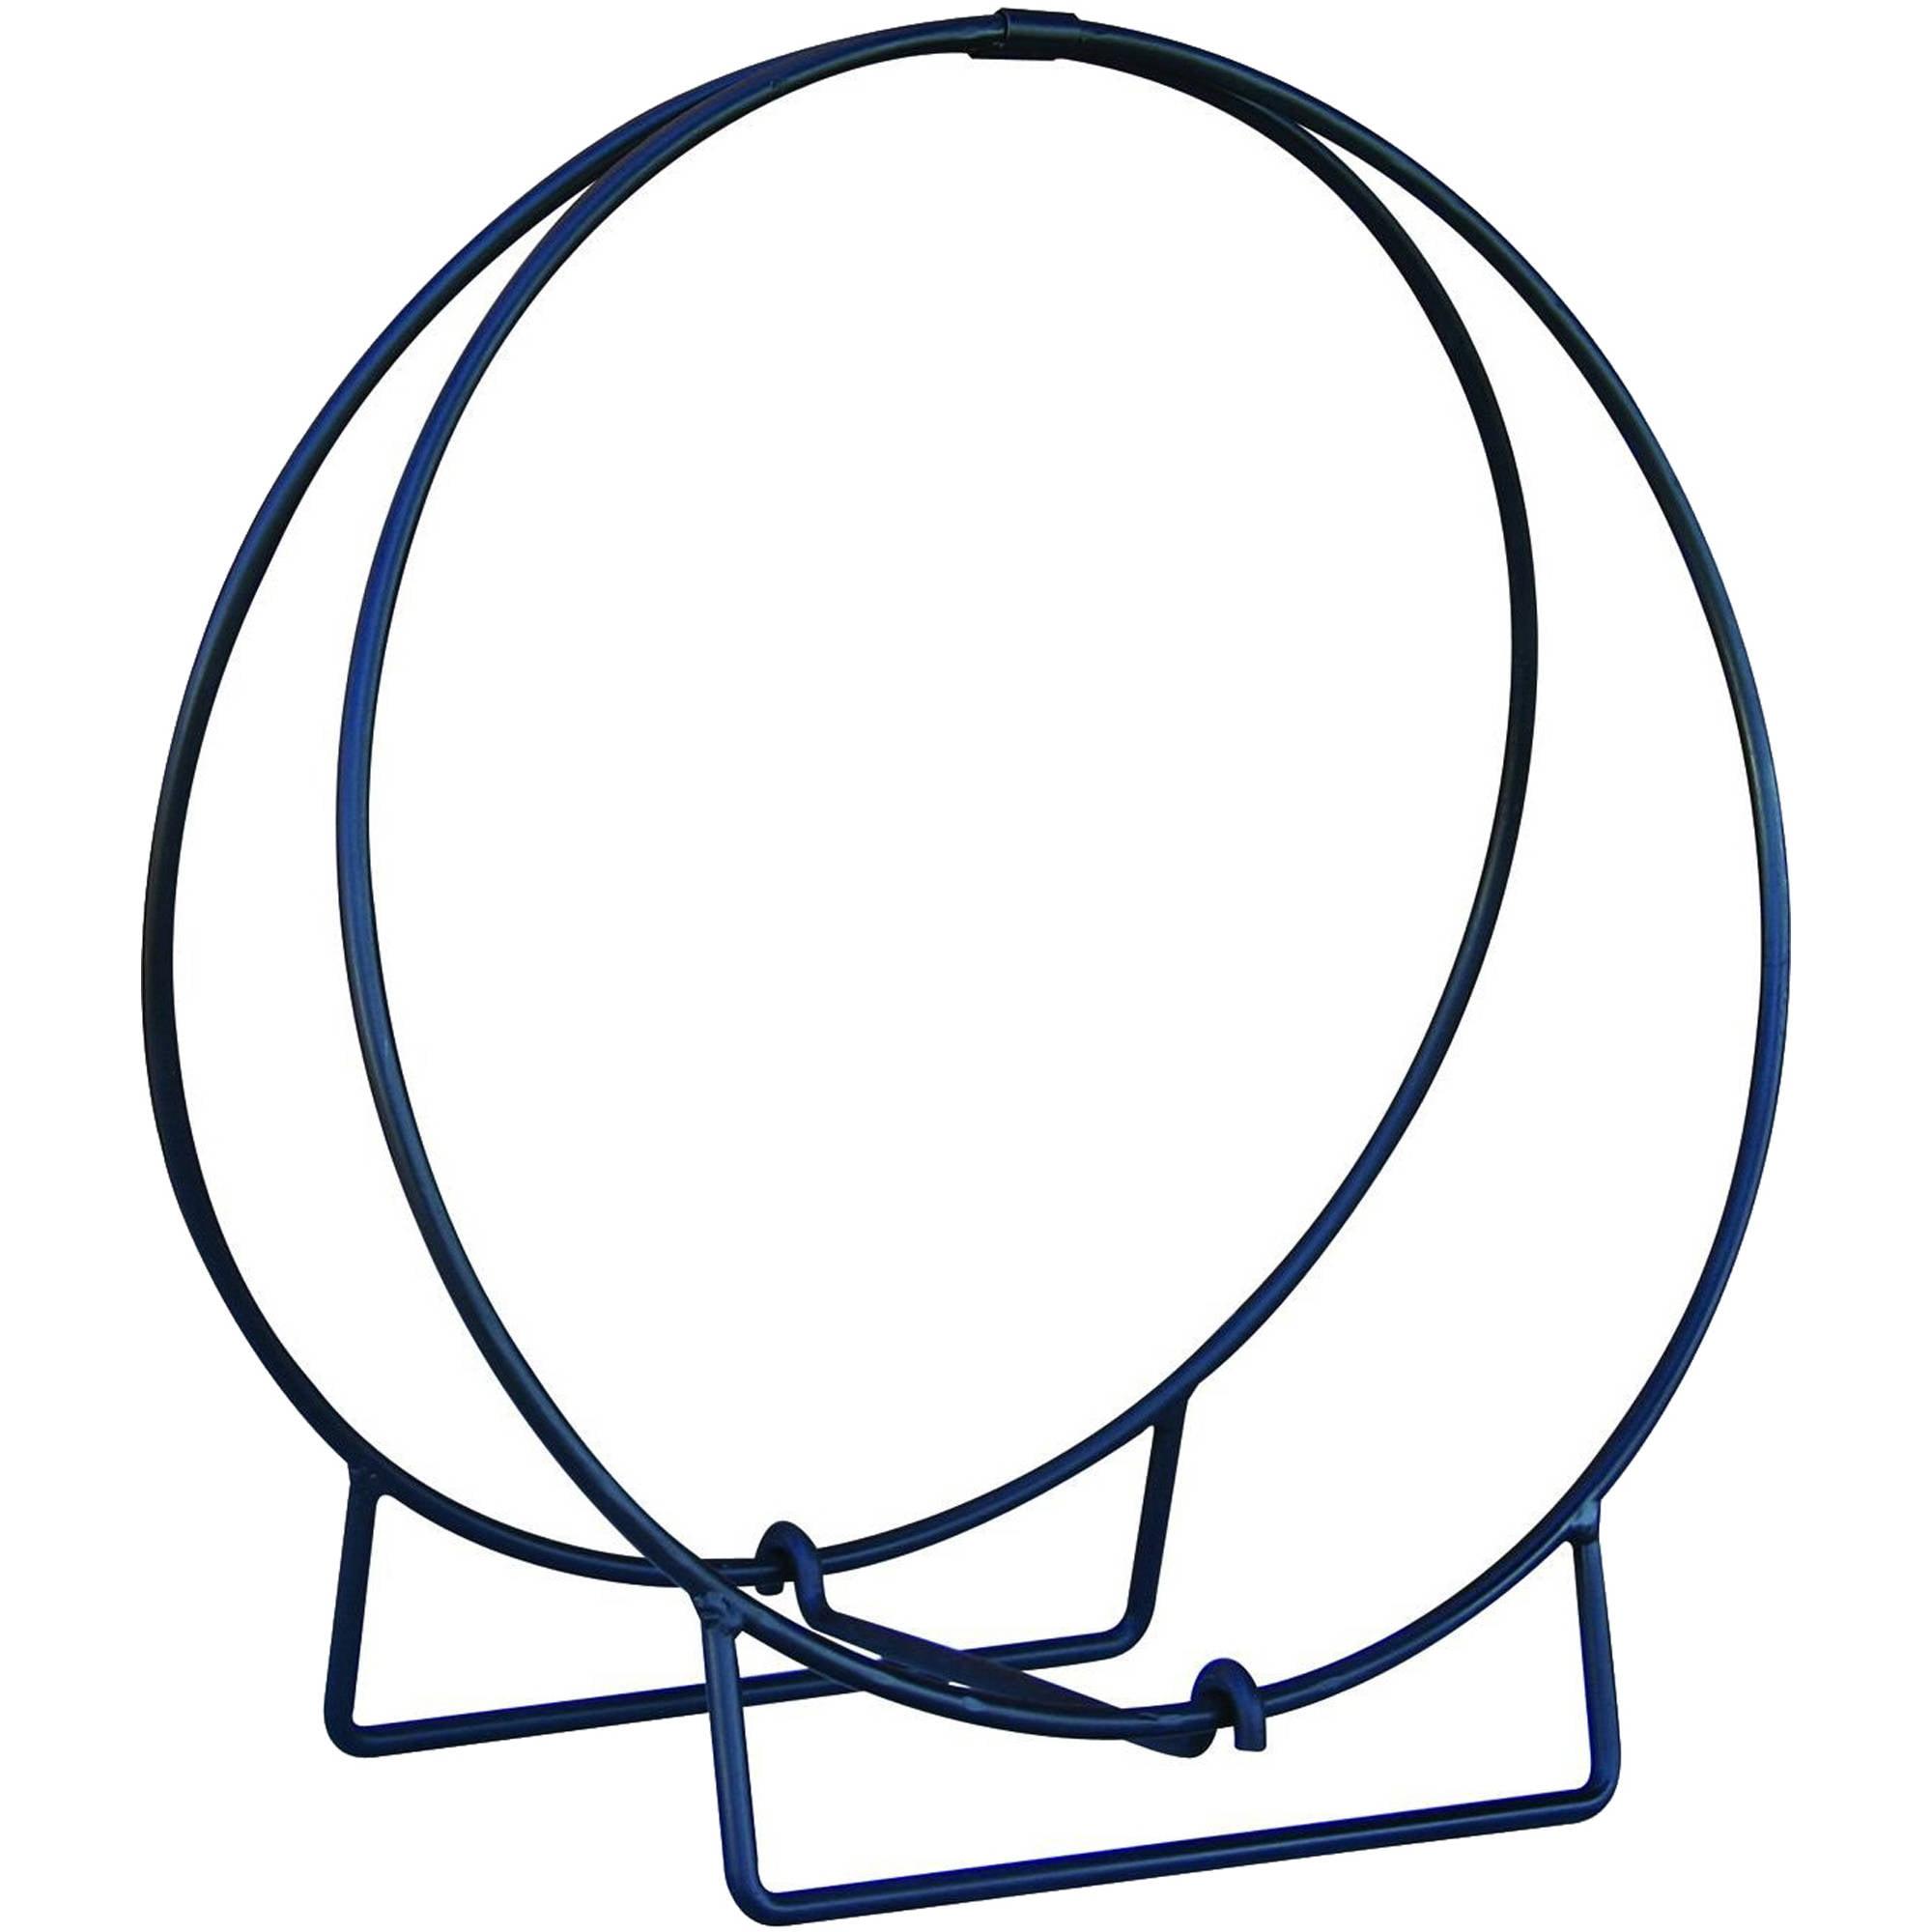 UniFlame 36-Inch Diameter Firewood Hoop, Black